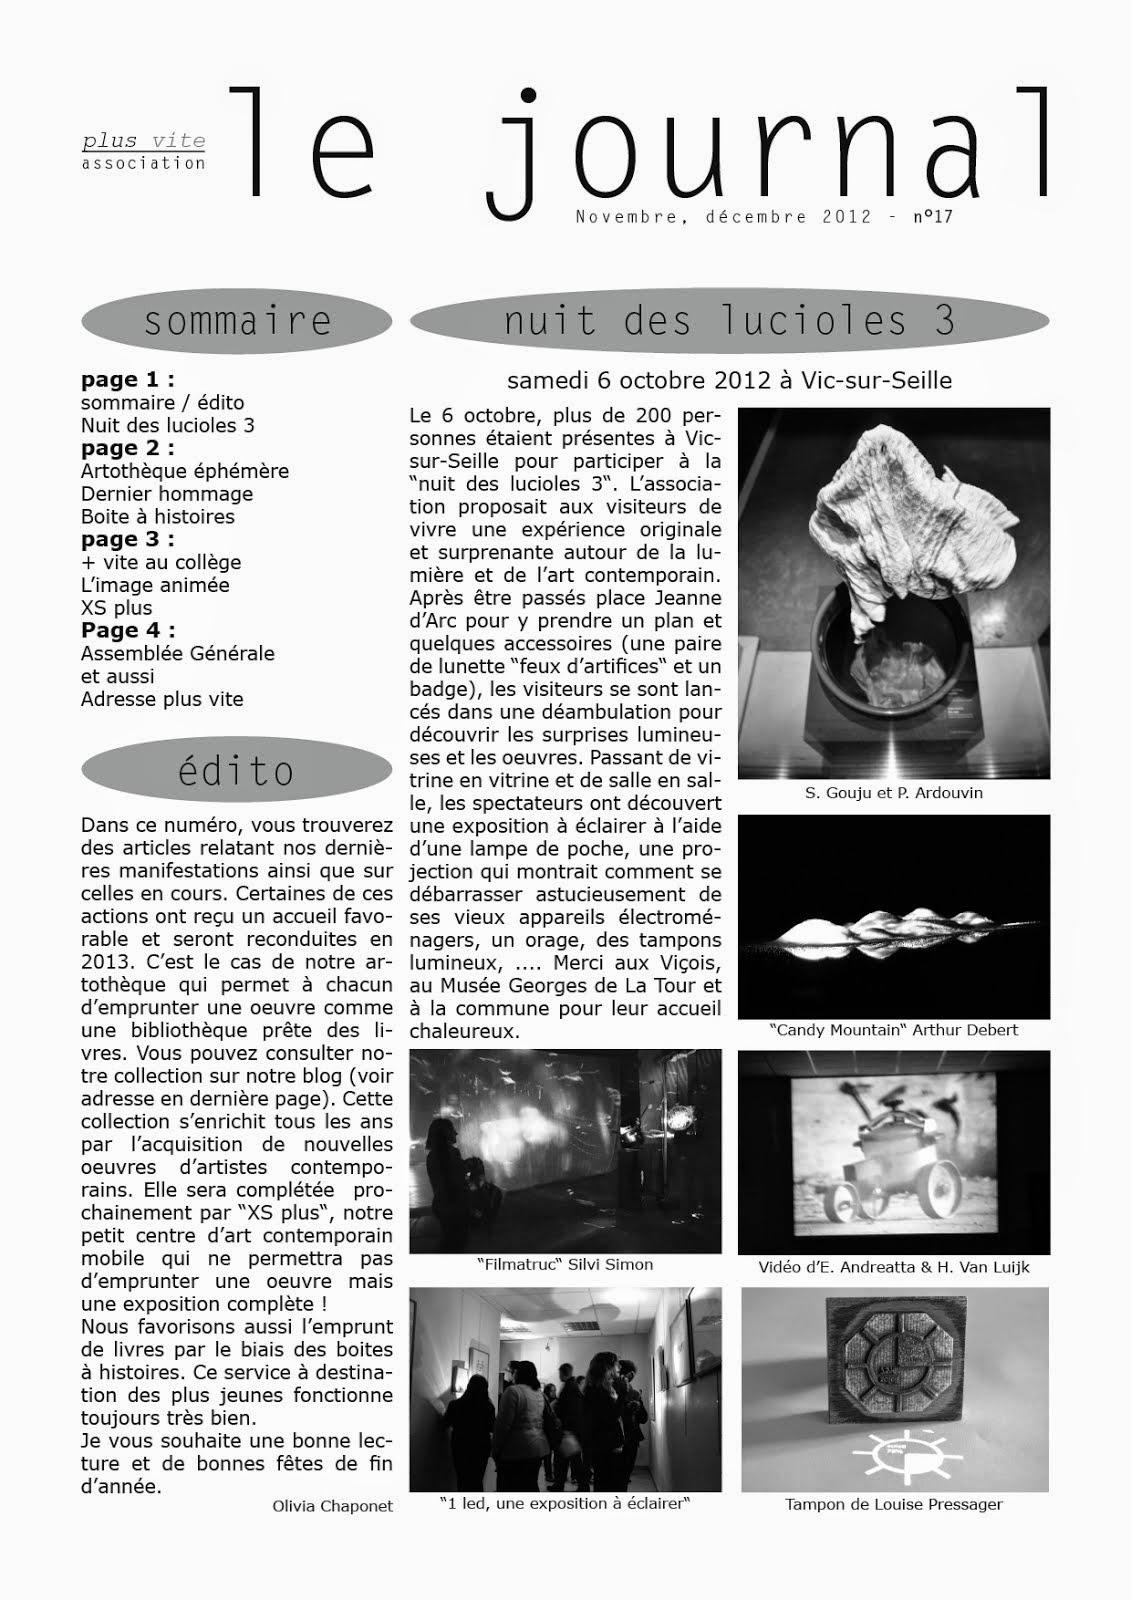 journal n°17